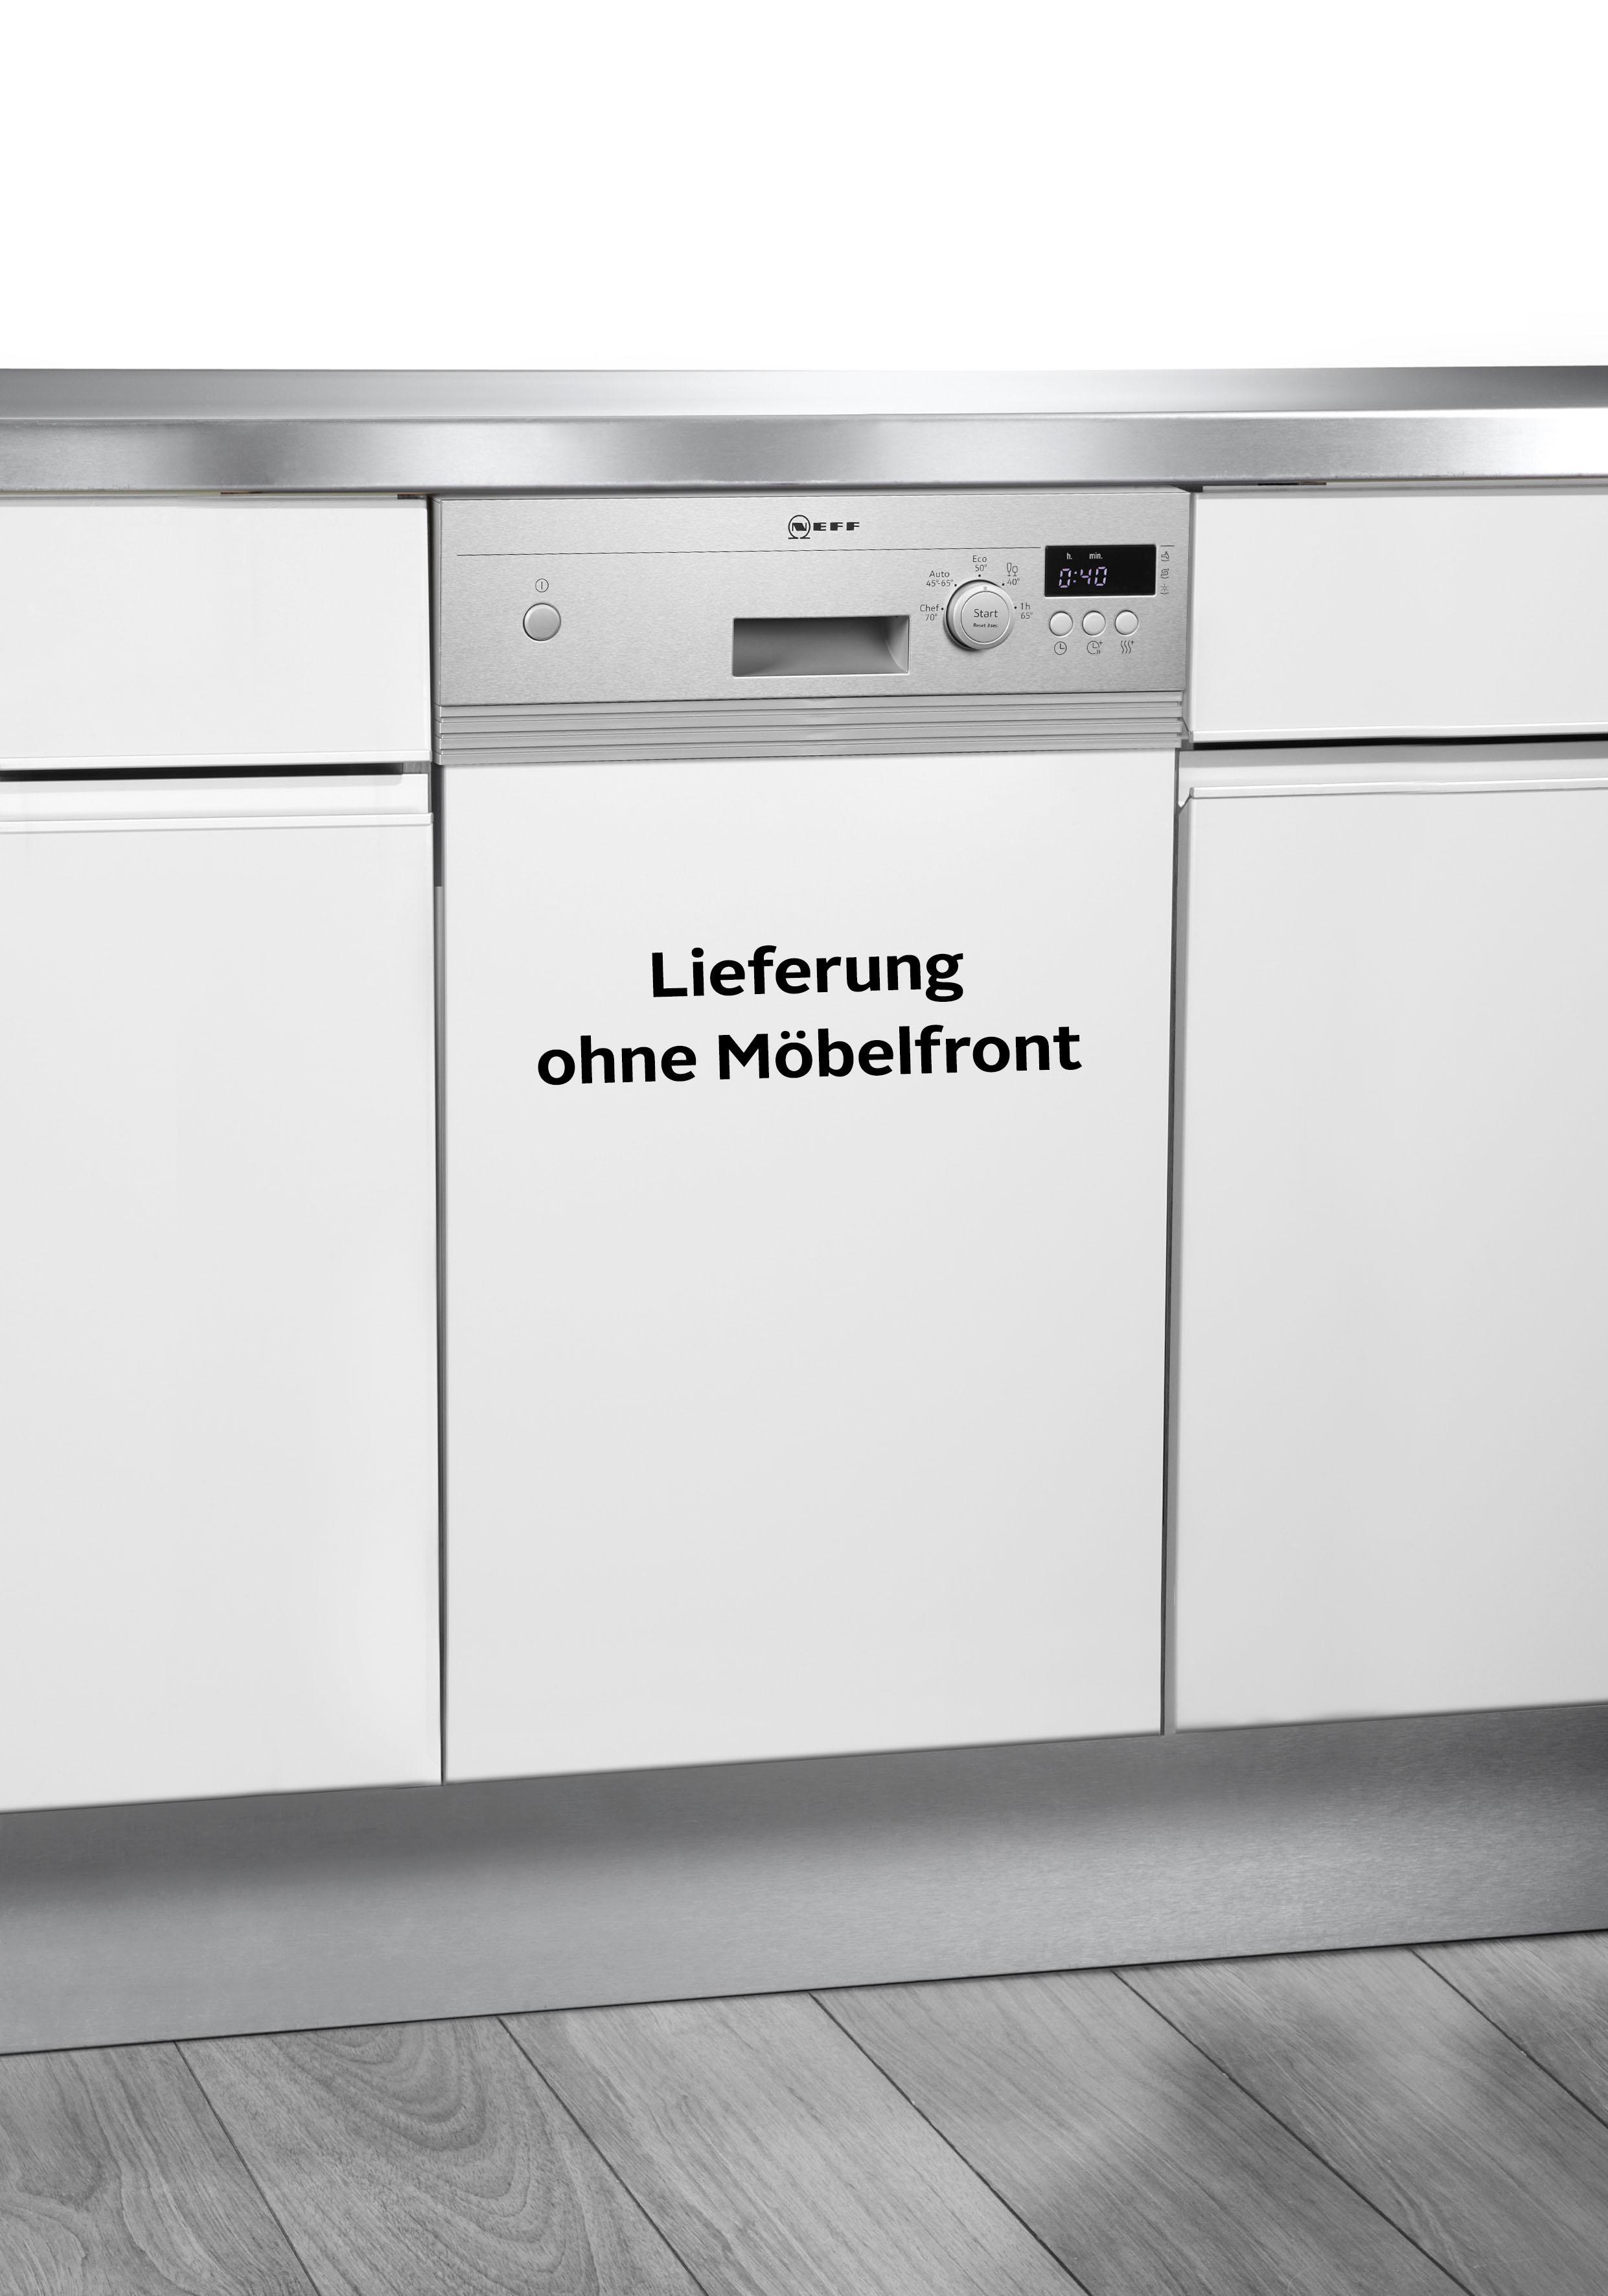 NEFF Teilintegrierbarer Geschirrspüler S481C50S3E 8 5 Liter 9 Maßgedecke | Küche und Esszimmer > Küchenelektrogeräte > Gefrierschränke | Neff